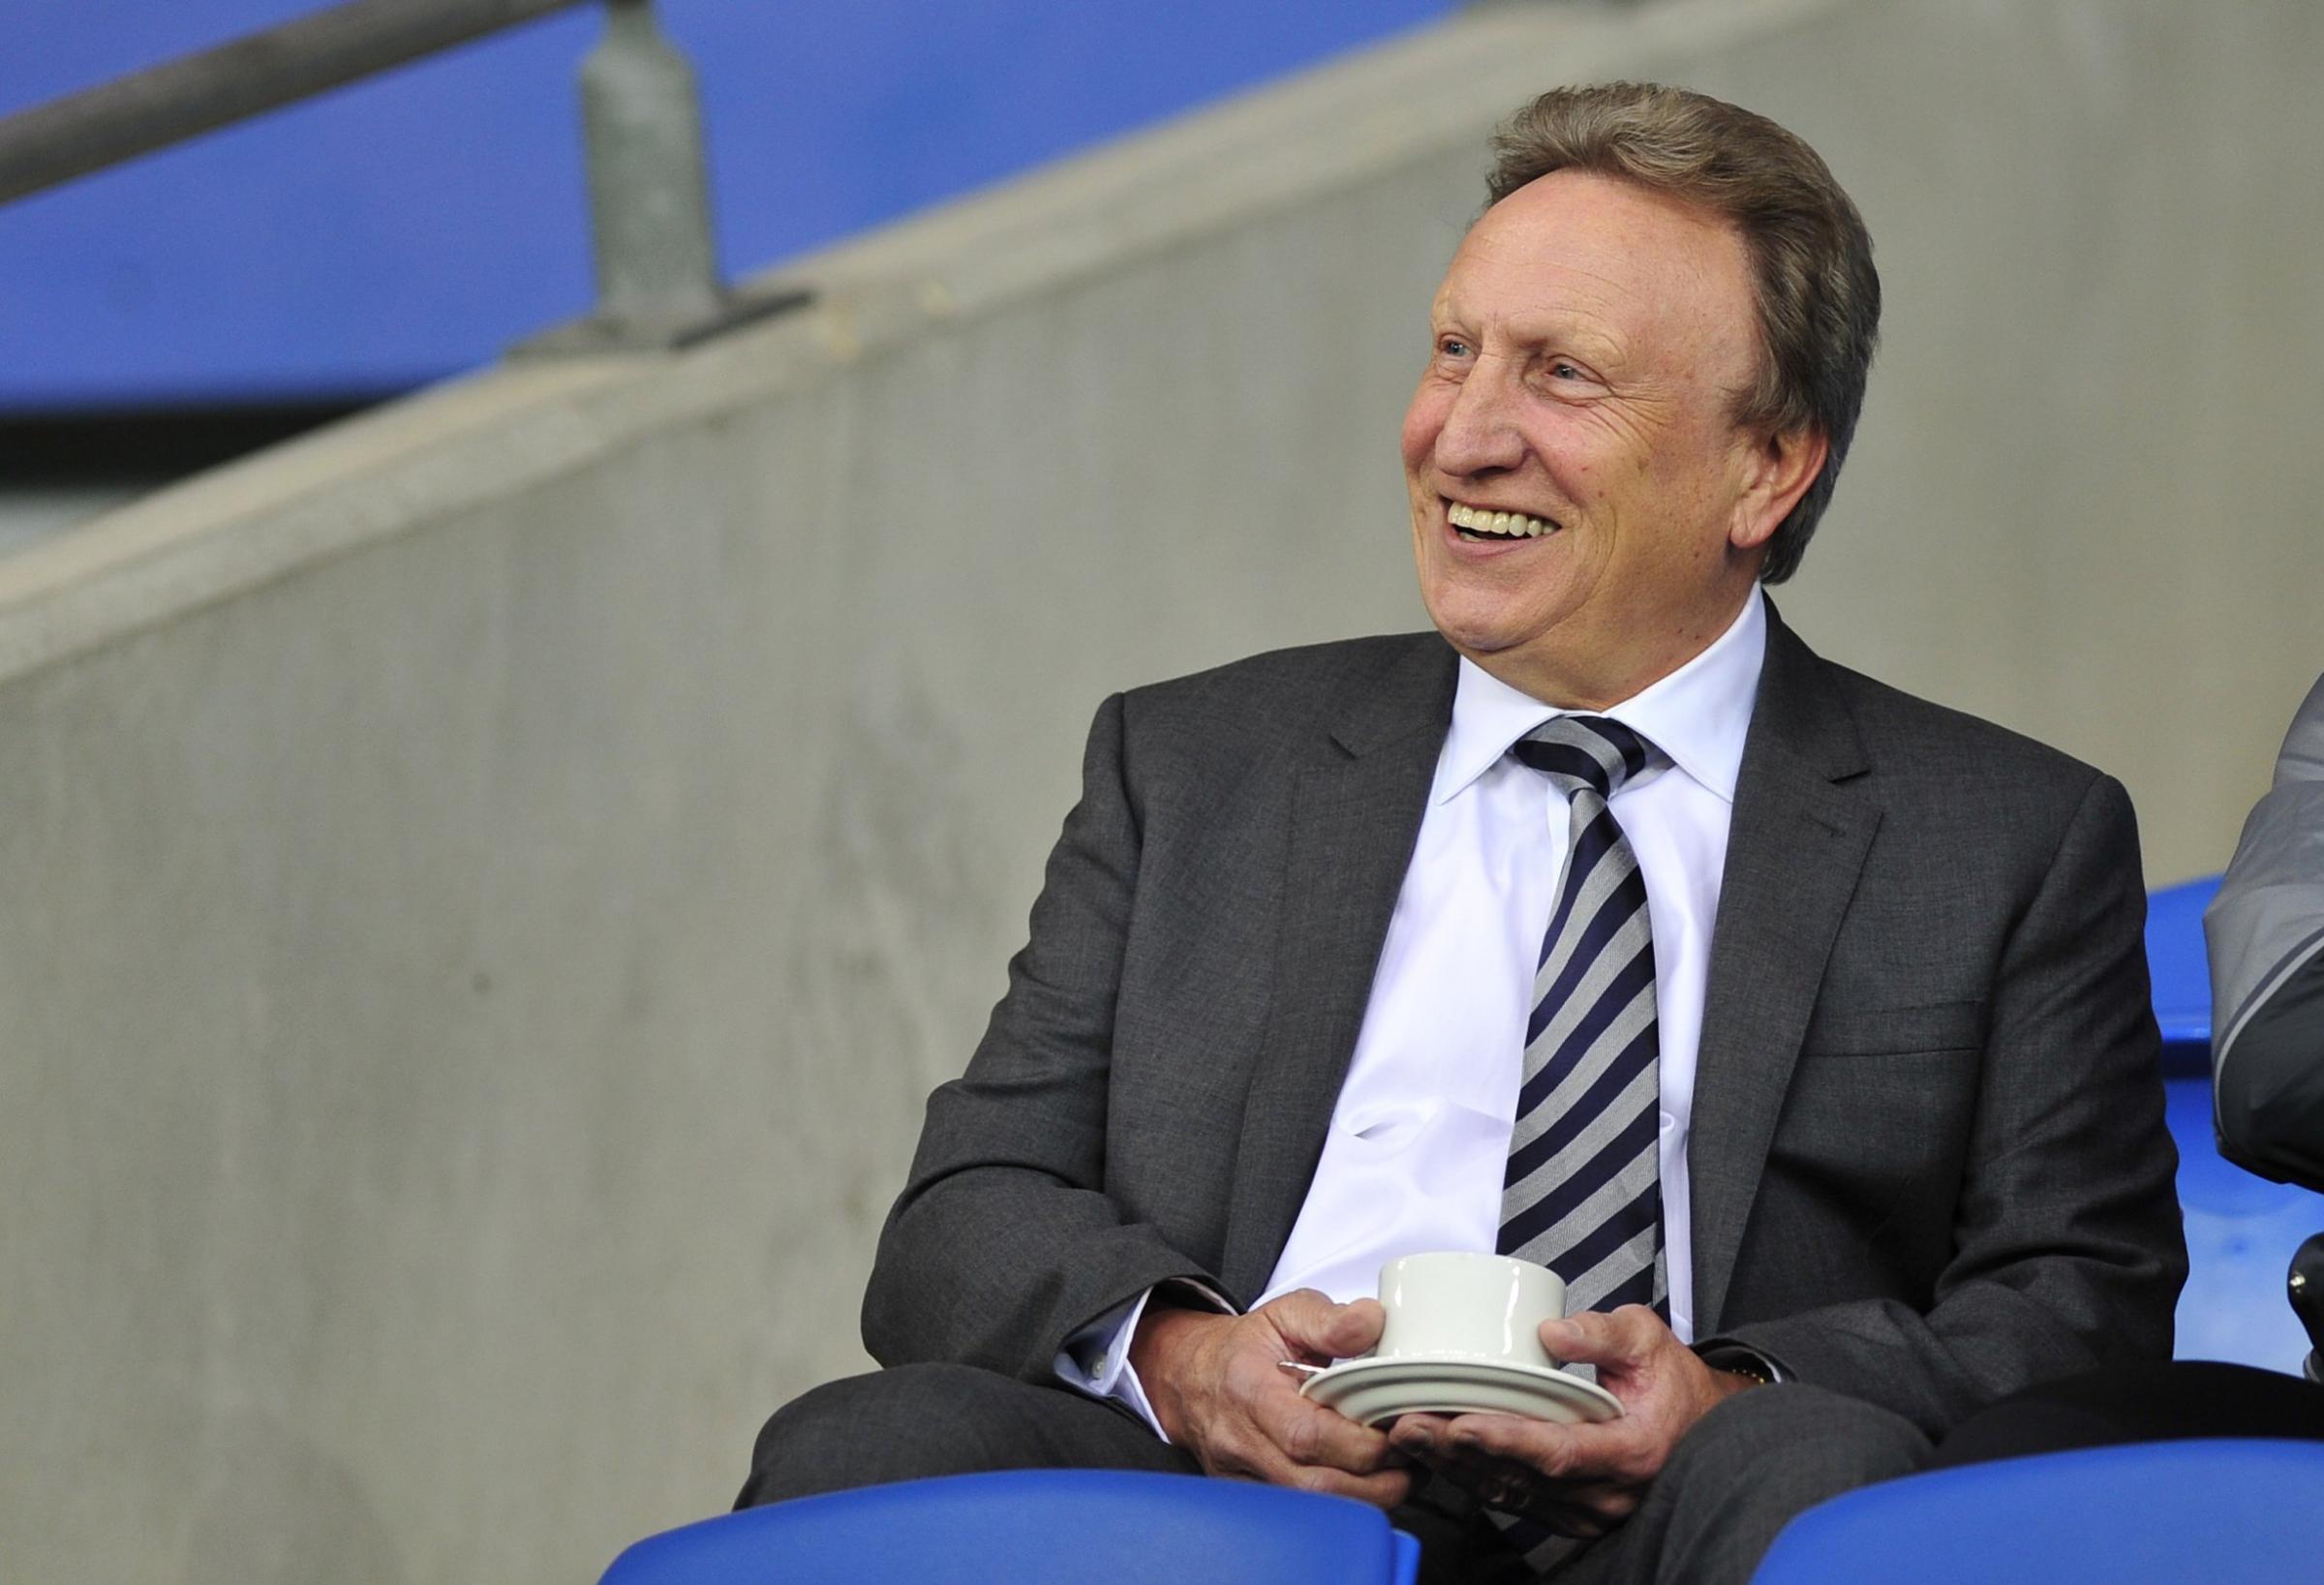 Warnock: Hughton is so nice, he gives us a bad name